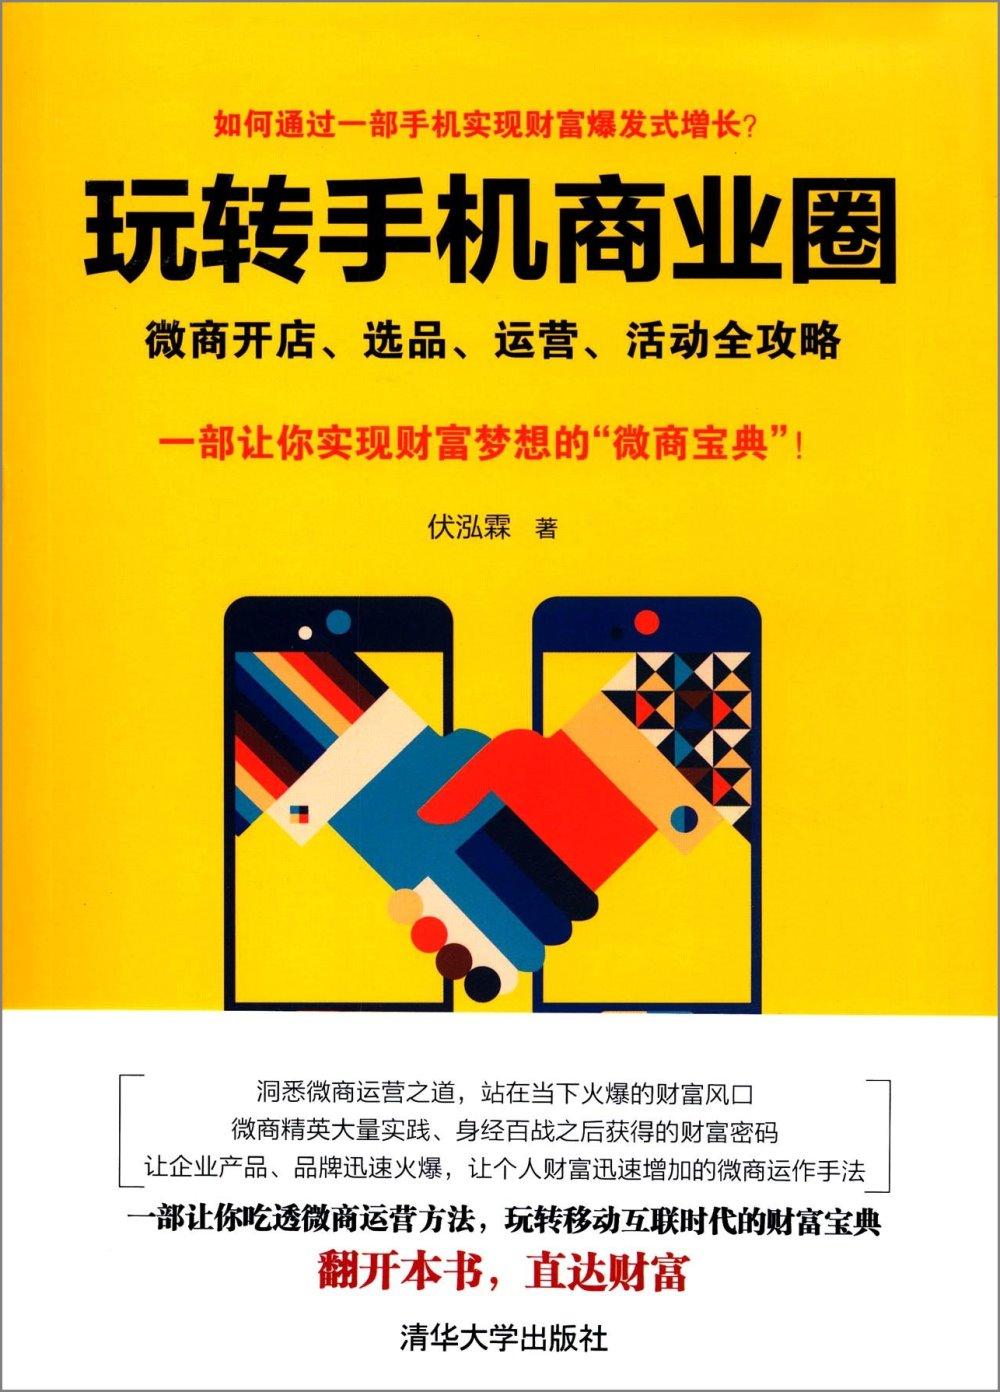 玩轉手機商業圈:微商開店、選品、運營、活動全攻略